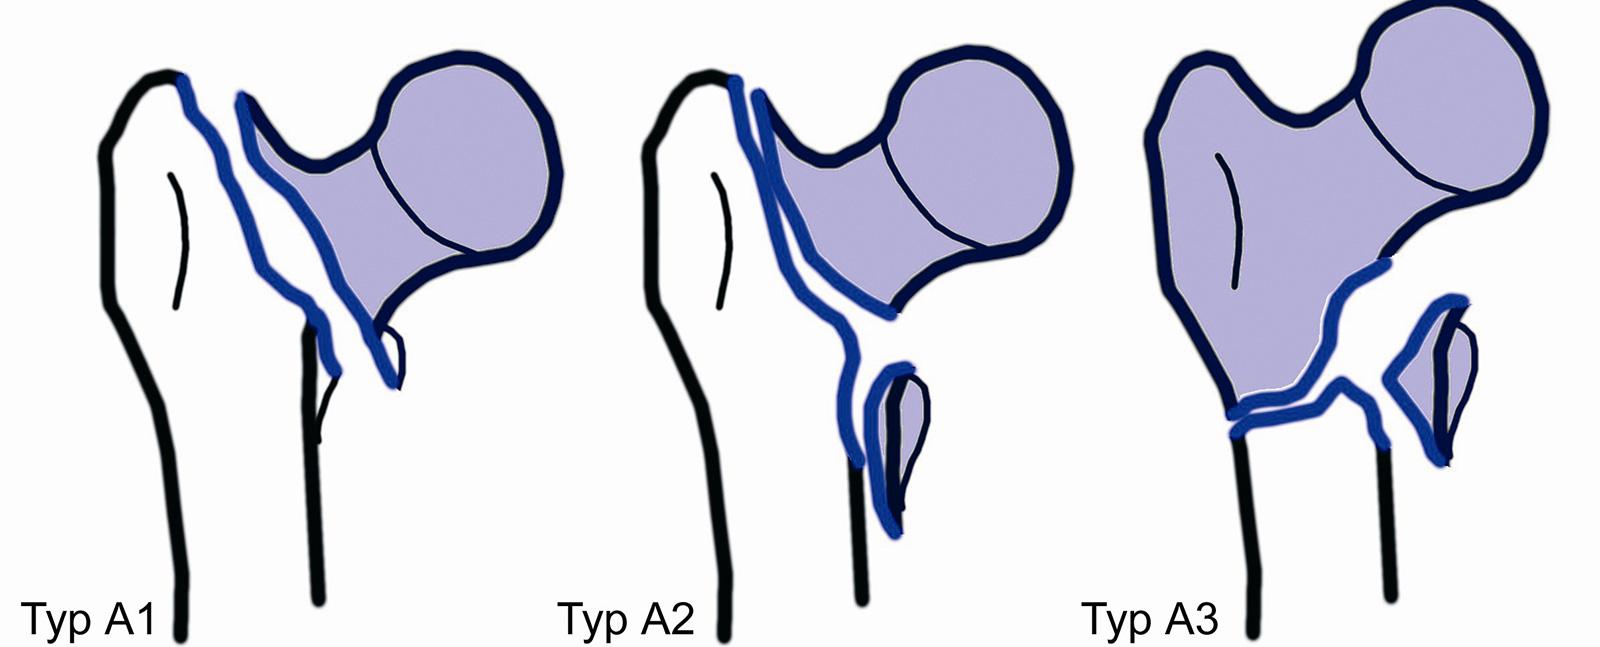 Abb. 3-31: Beispiele für eine A1, A2 und A3 Fraktur